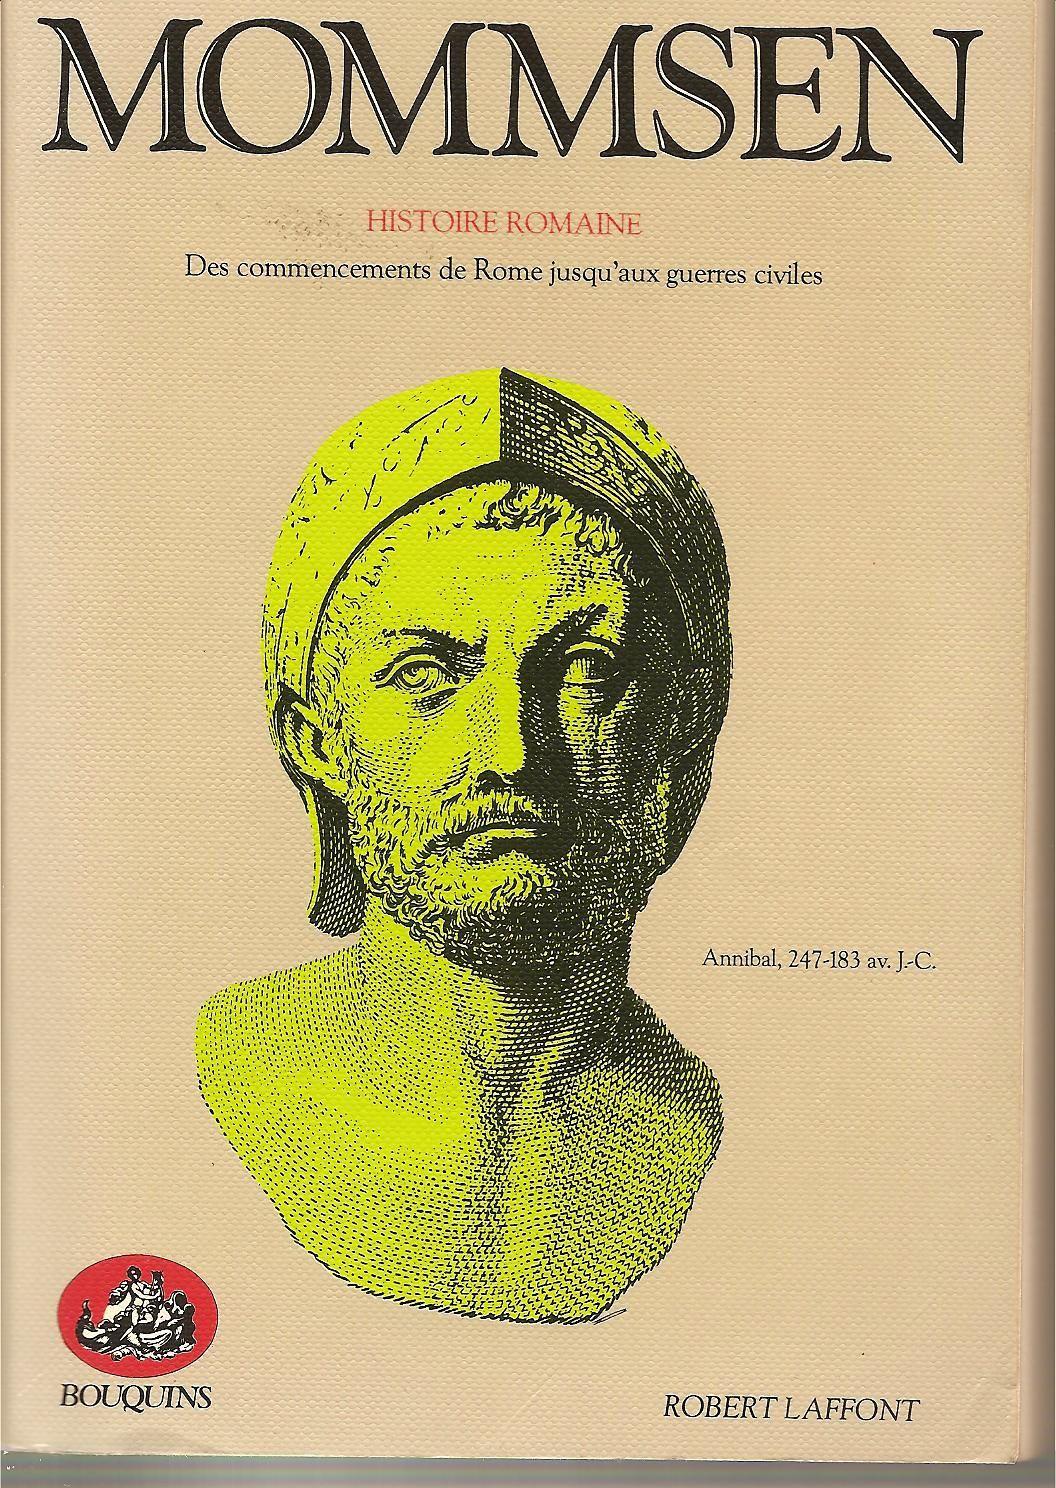 """buste d'Hannibal sur couverture """"Histoire romaine"""" de Mommsen"""